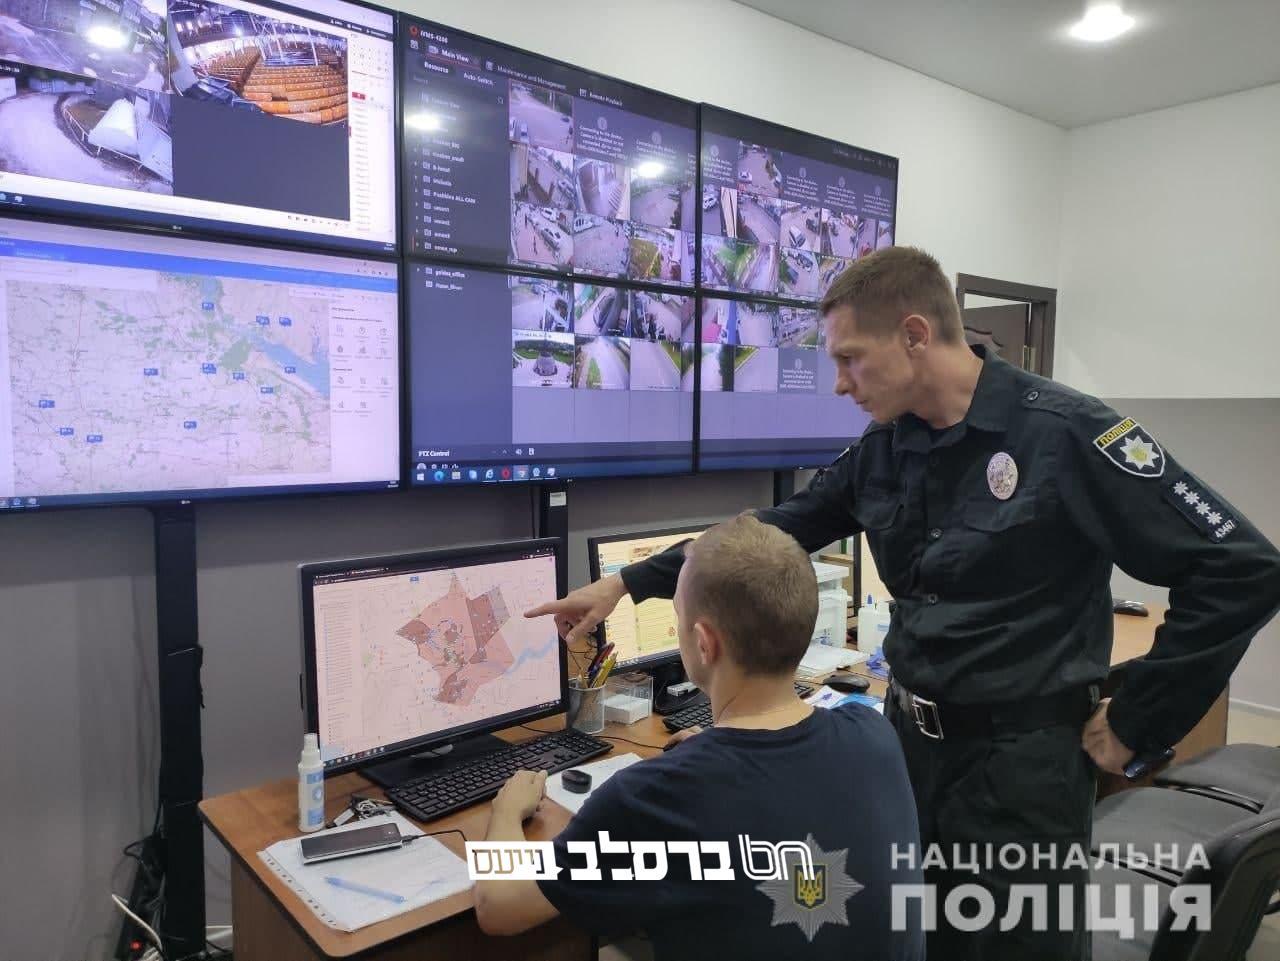 """פרסם דברי נאצה אנטישמיים באומן ונעצר ע""""י המשטרה • יד קשה נגד מפירי סדר"""